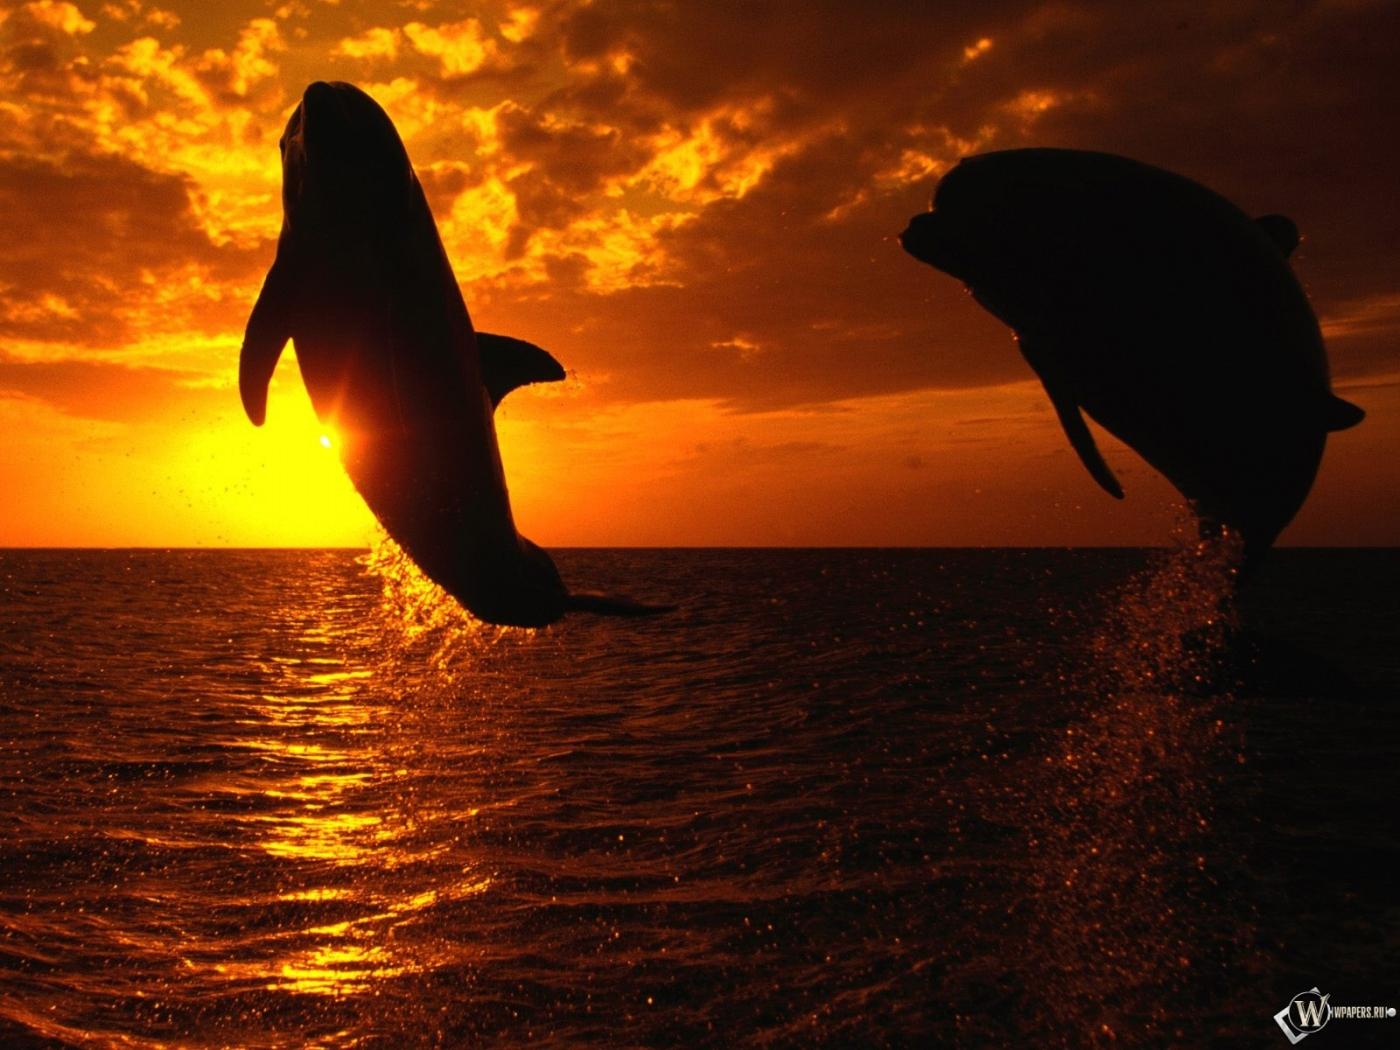 Закат небо дельфины 1400x1050 картинки